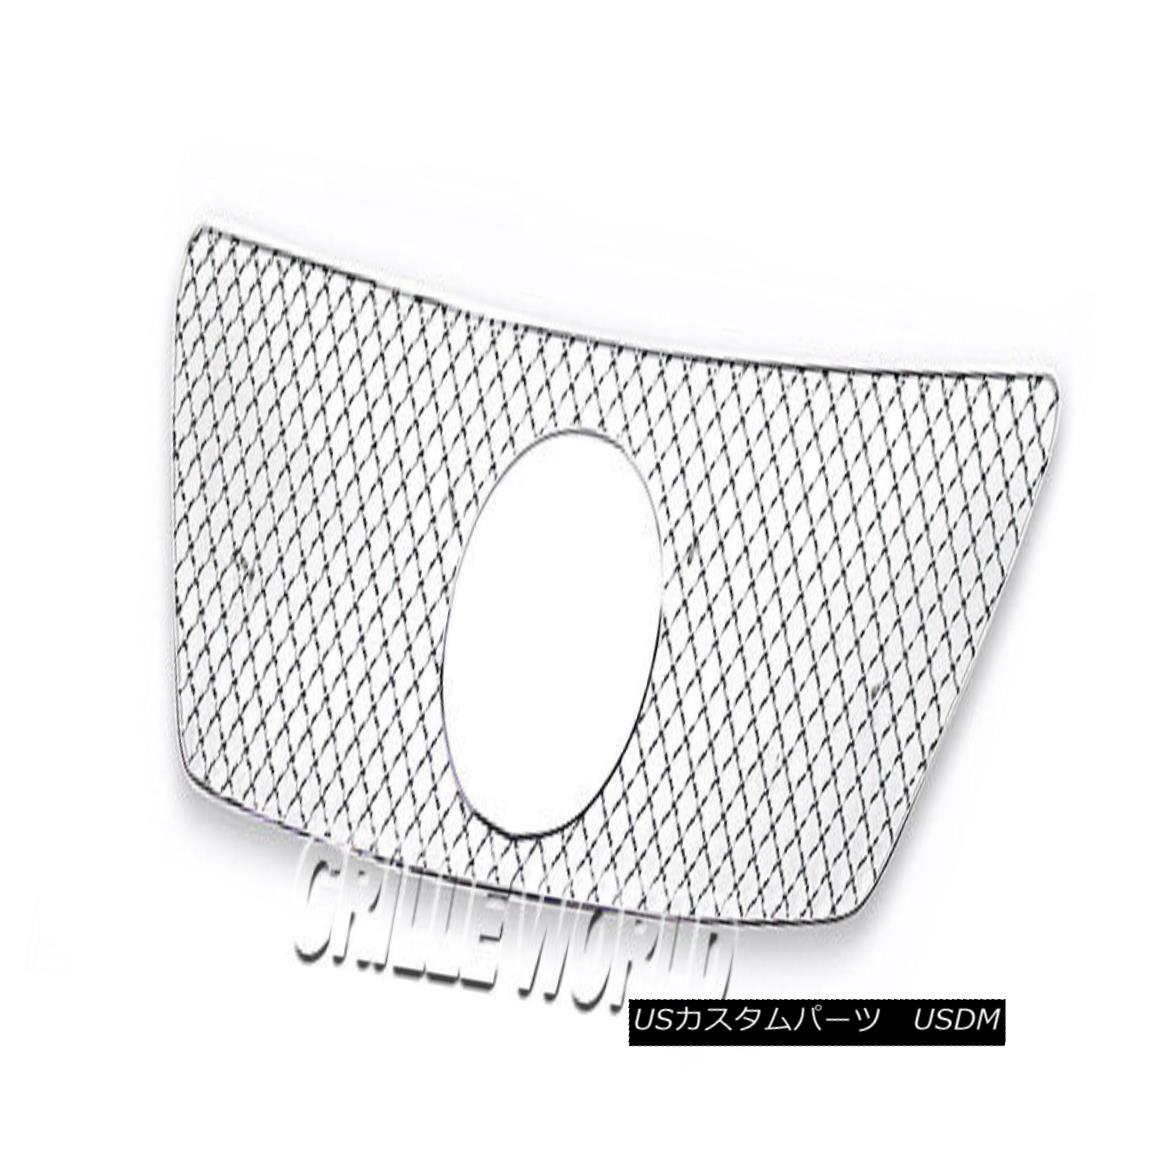 グリル For 2012-2013 Lexus IS 250/350 Stainless Steel X-mesh Premium Grille Insert 2012-2013 Lexus IS 250/350ステンレススチールXメッシュプレミアムグリルインサート